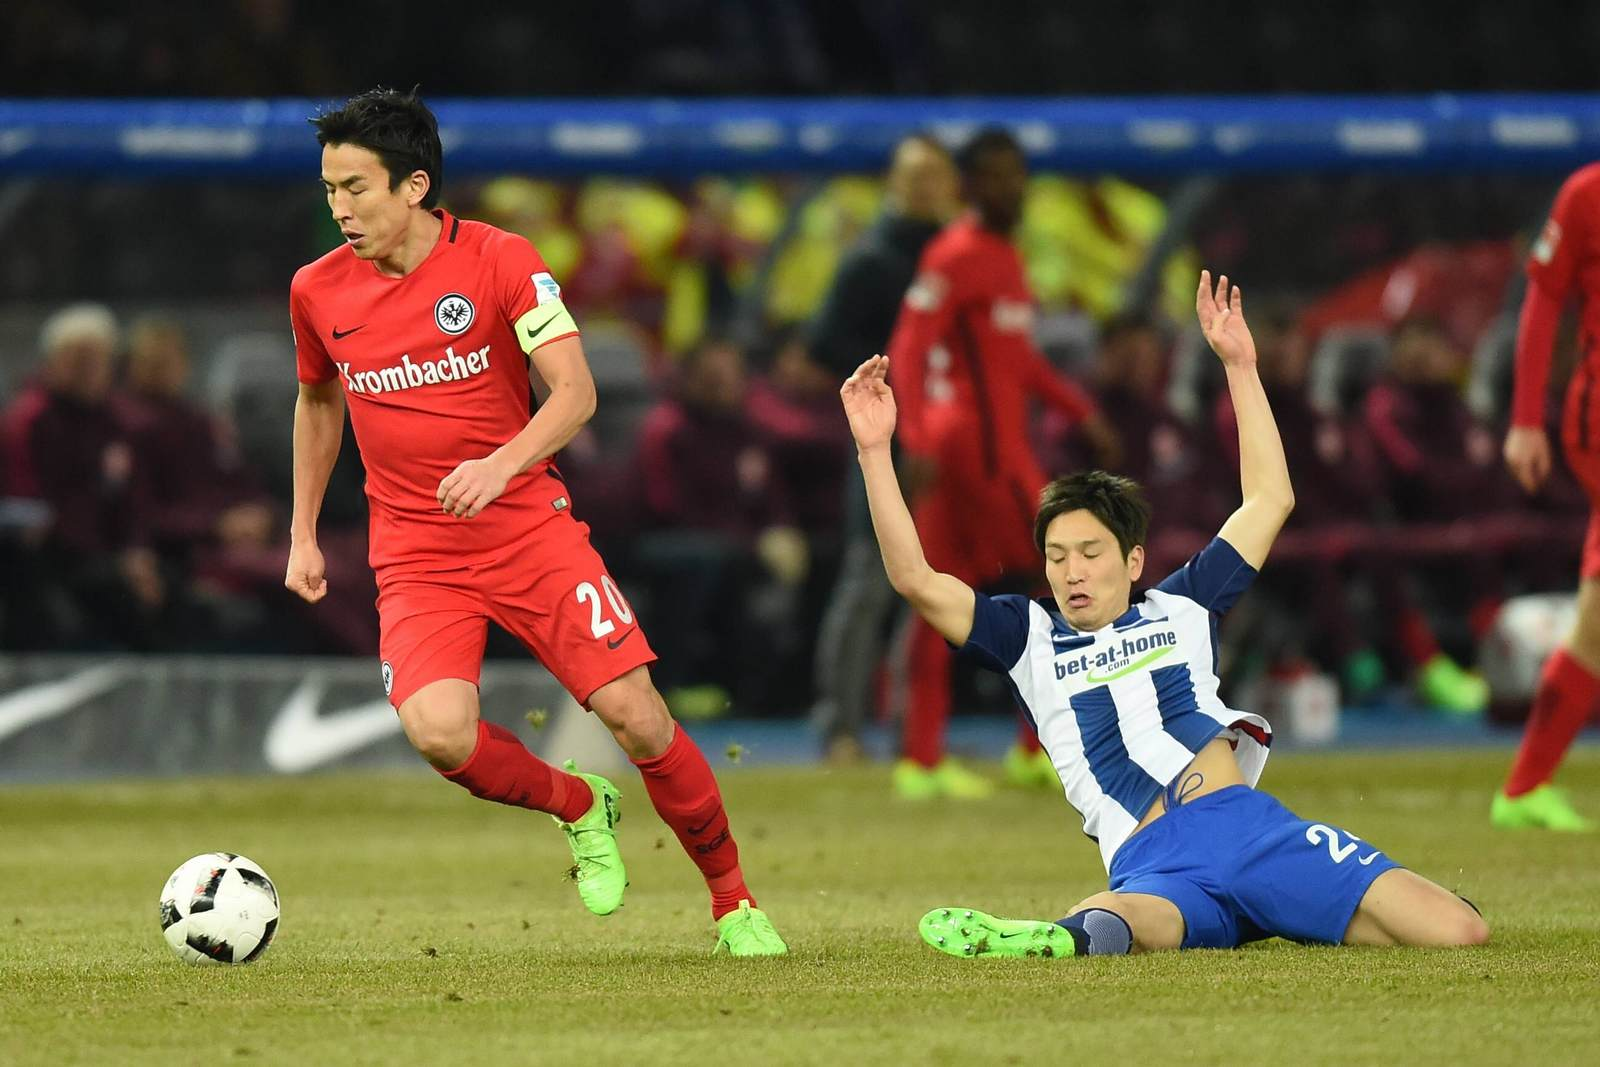 Hasebe im Duell mit Haraguchi. Jetzt auf die Partie Hertha gegen Frankfurt wetten.